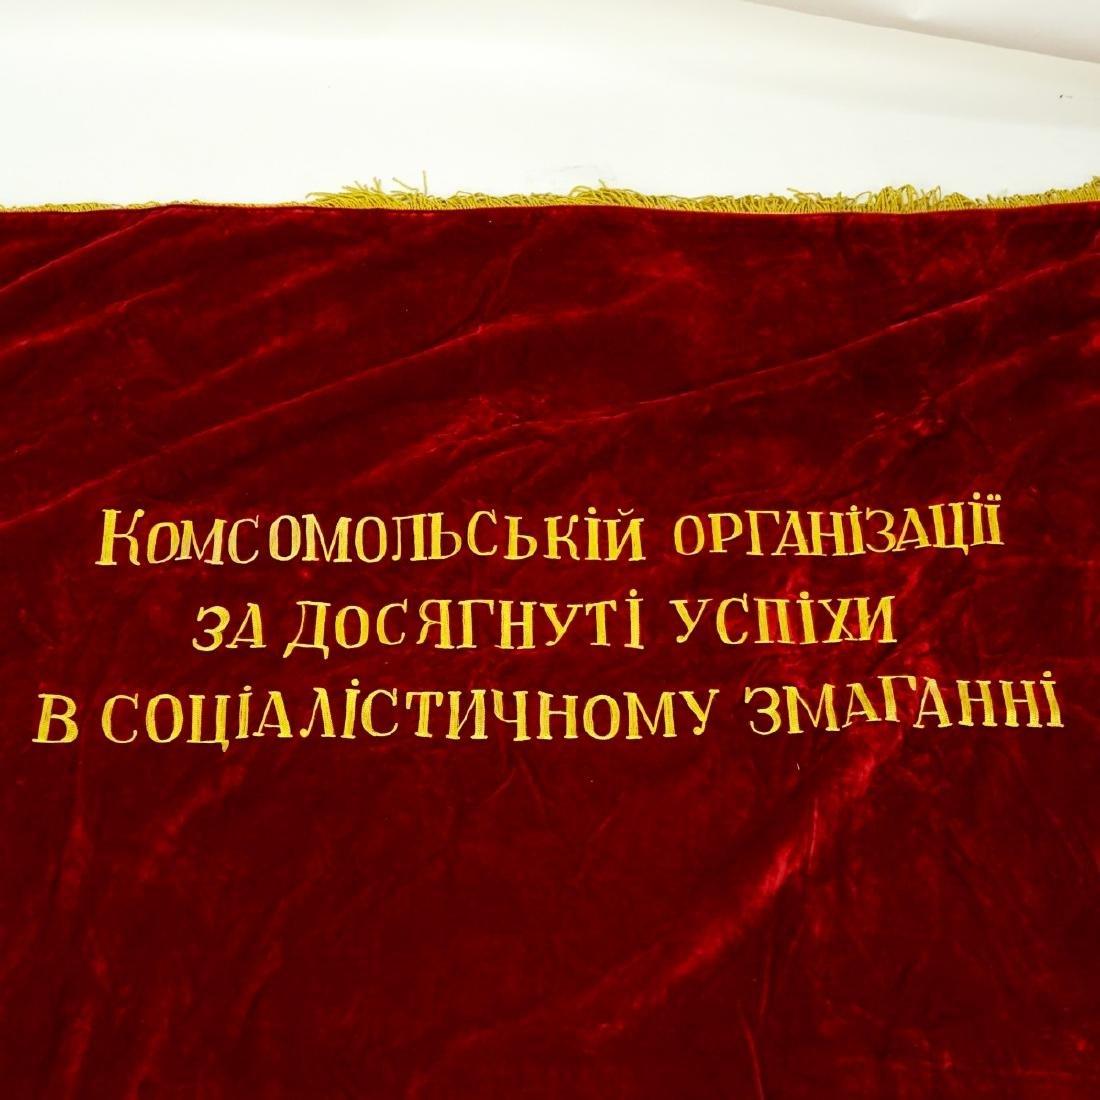 20th Century Russian Soviet Era Lenin-vlksm - 6